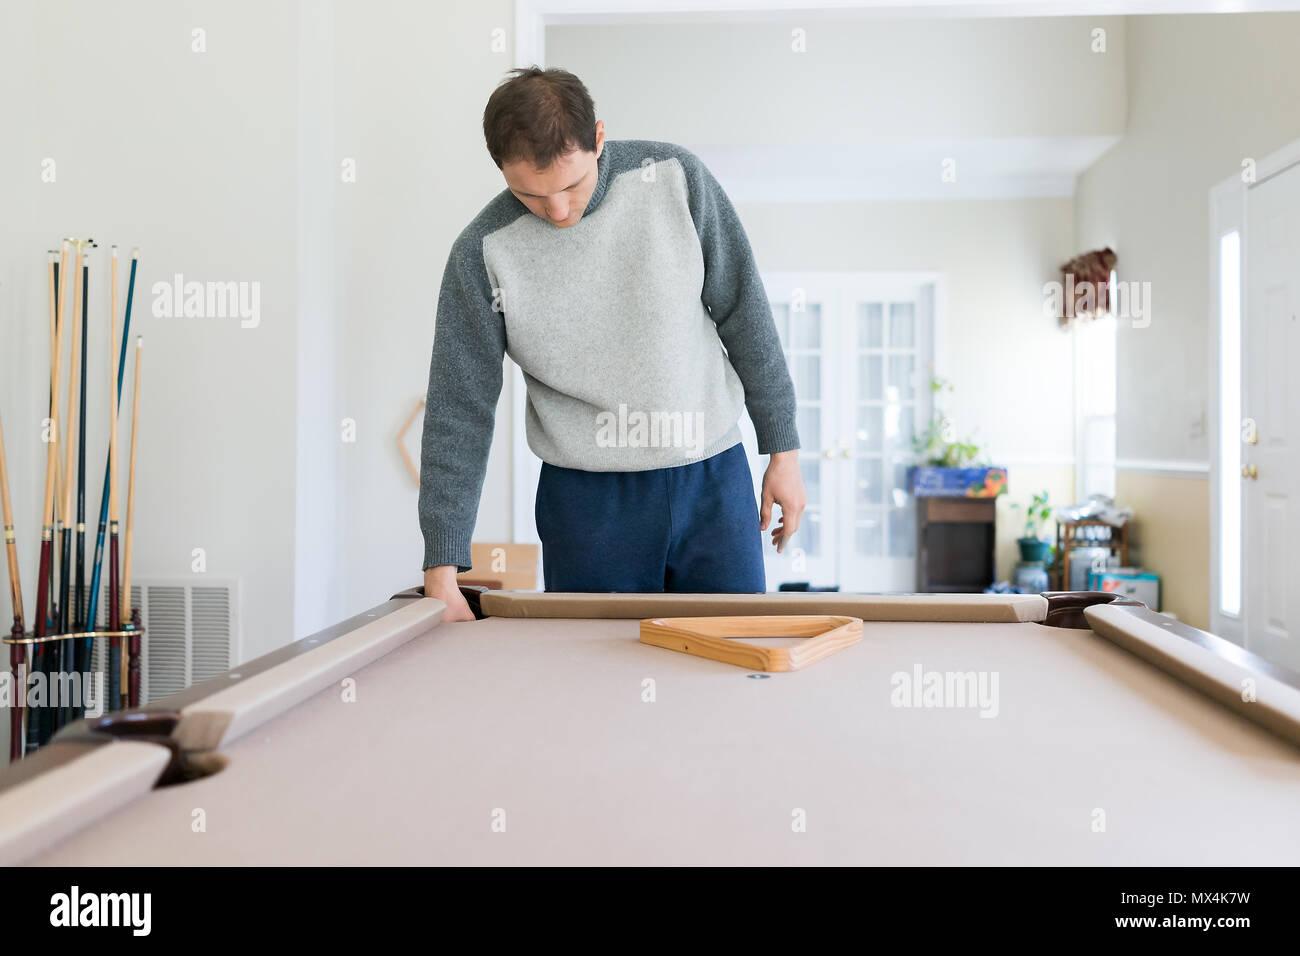 Haus Einrichten Spiele | 10 Coole Ideen Wie Leute Ihre Häuser In ...